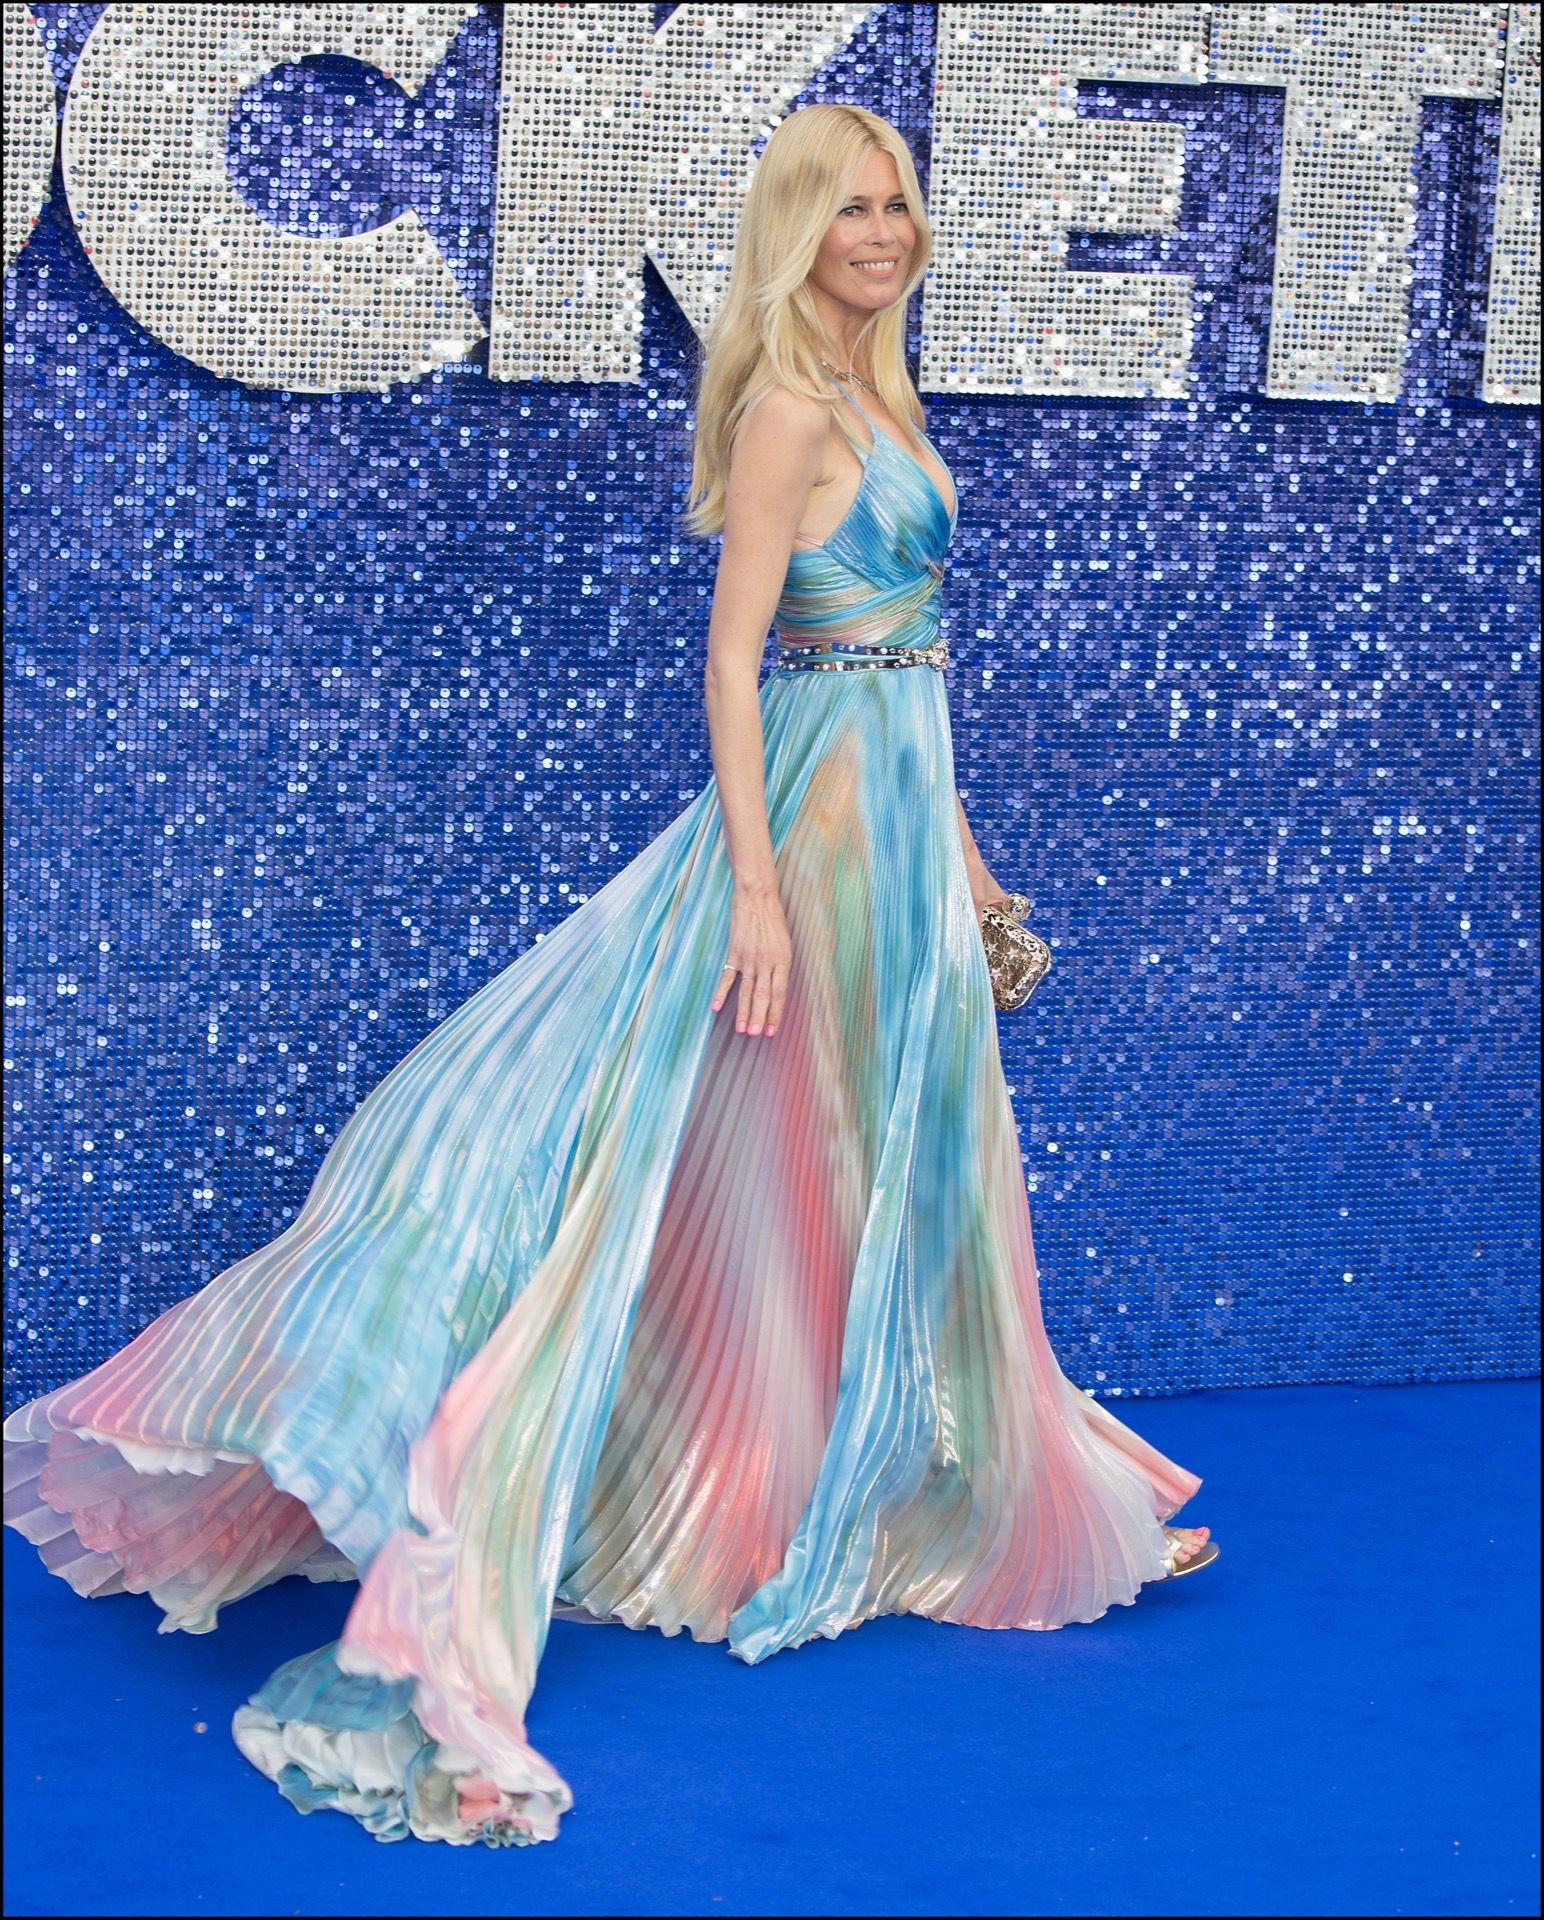 La modelo con el vestido unicornio.